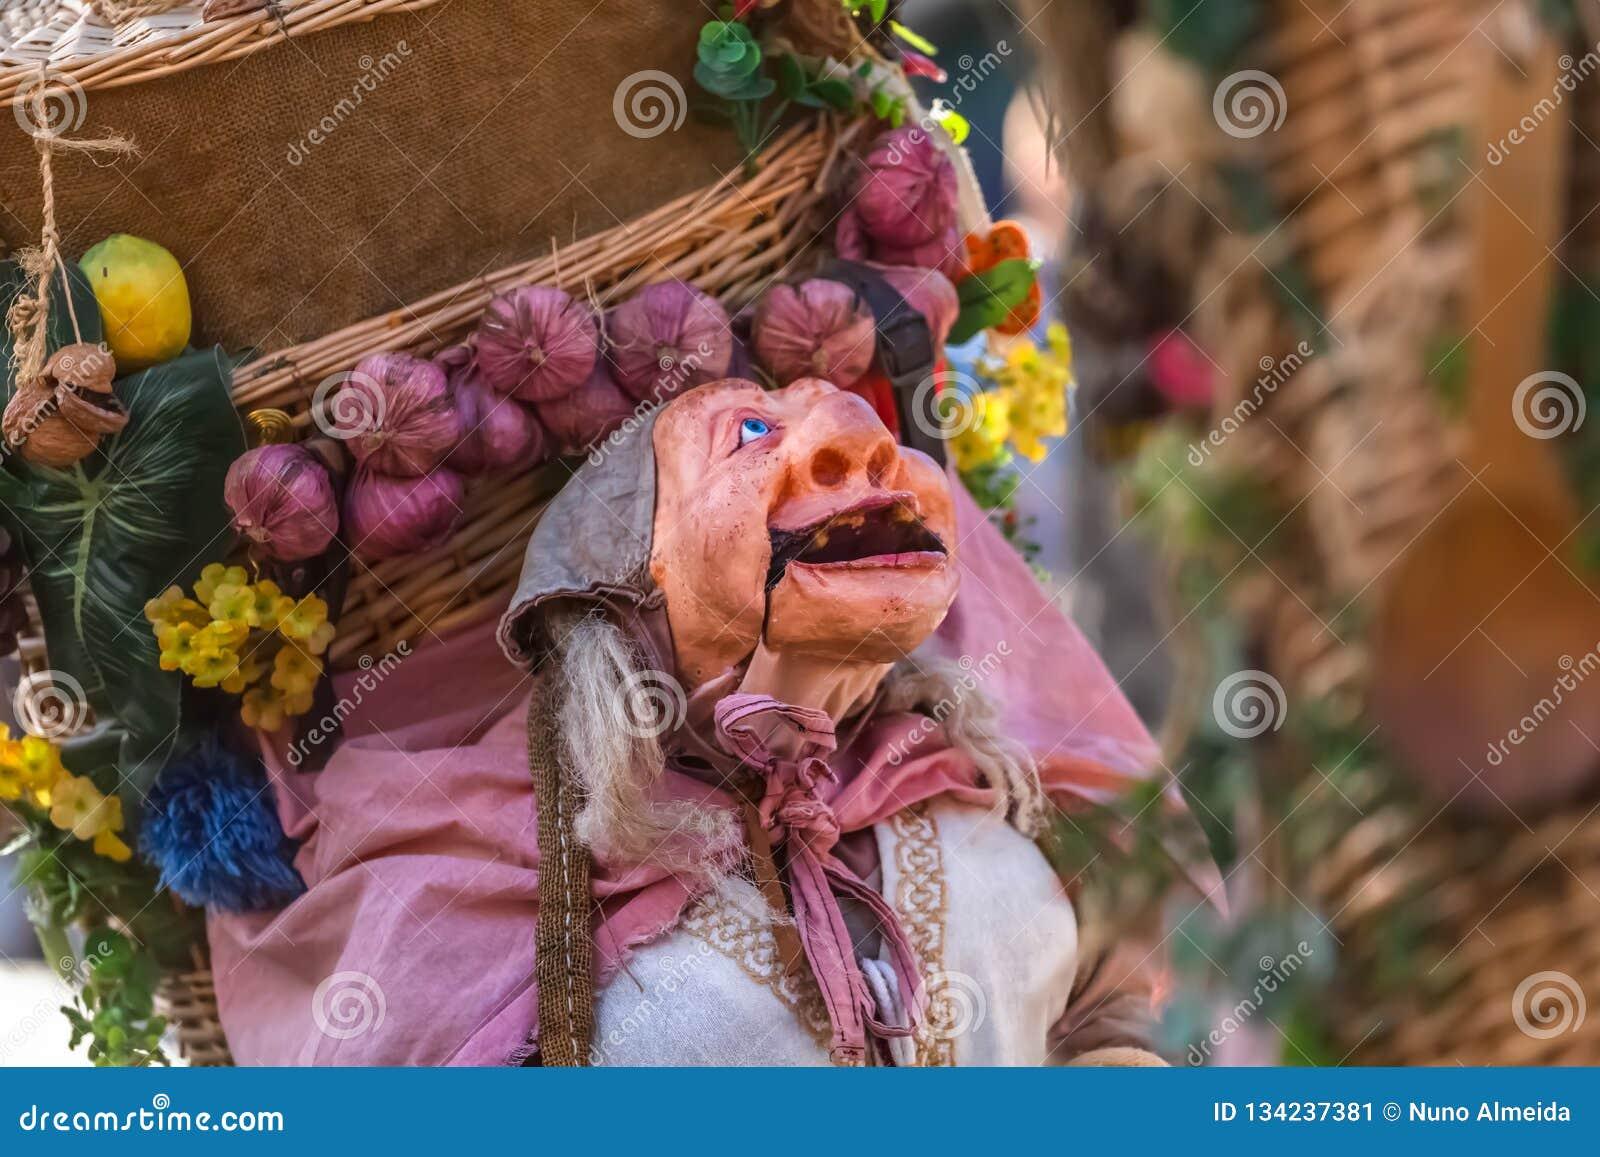 Vista de la muñeca del granjero, manipulada con la gente dentro, llevando la cesta tradicional grande, en el mercado medieval de